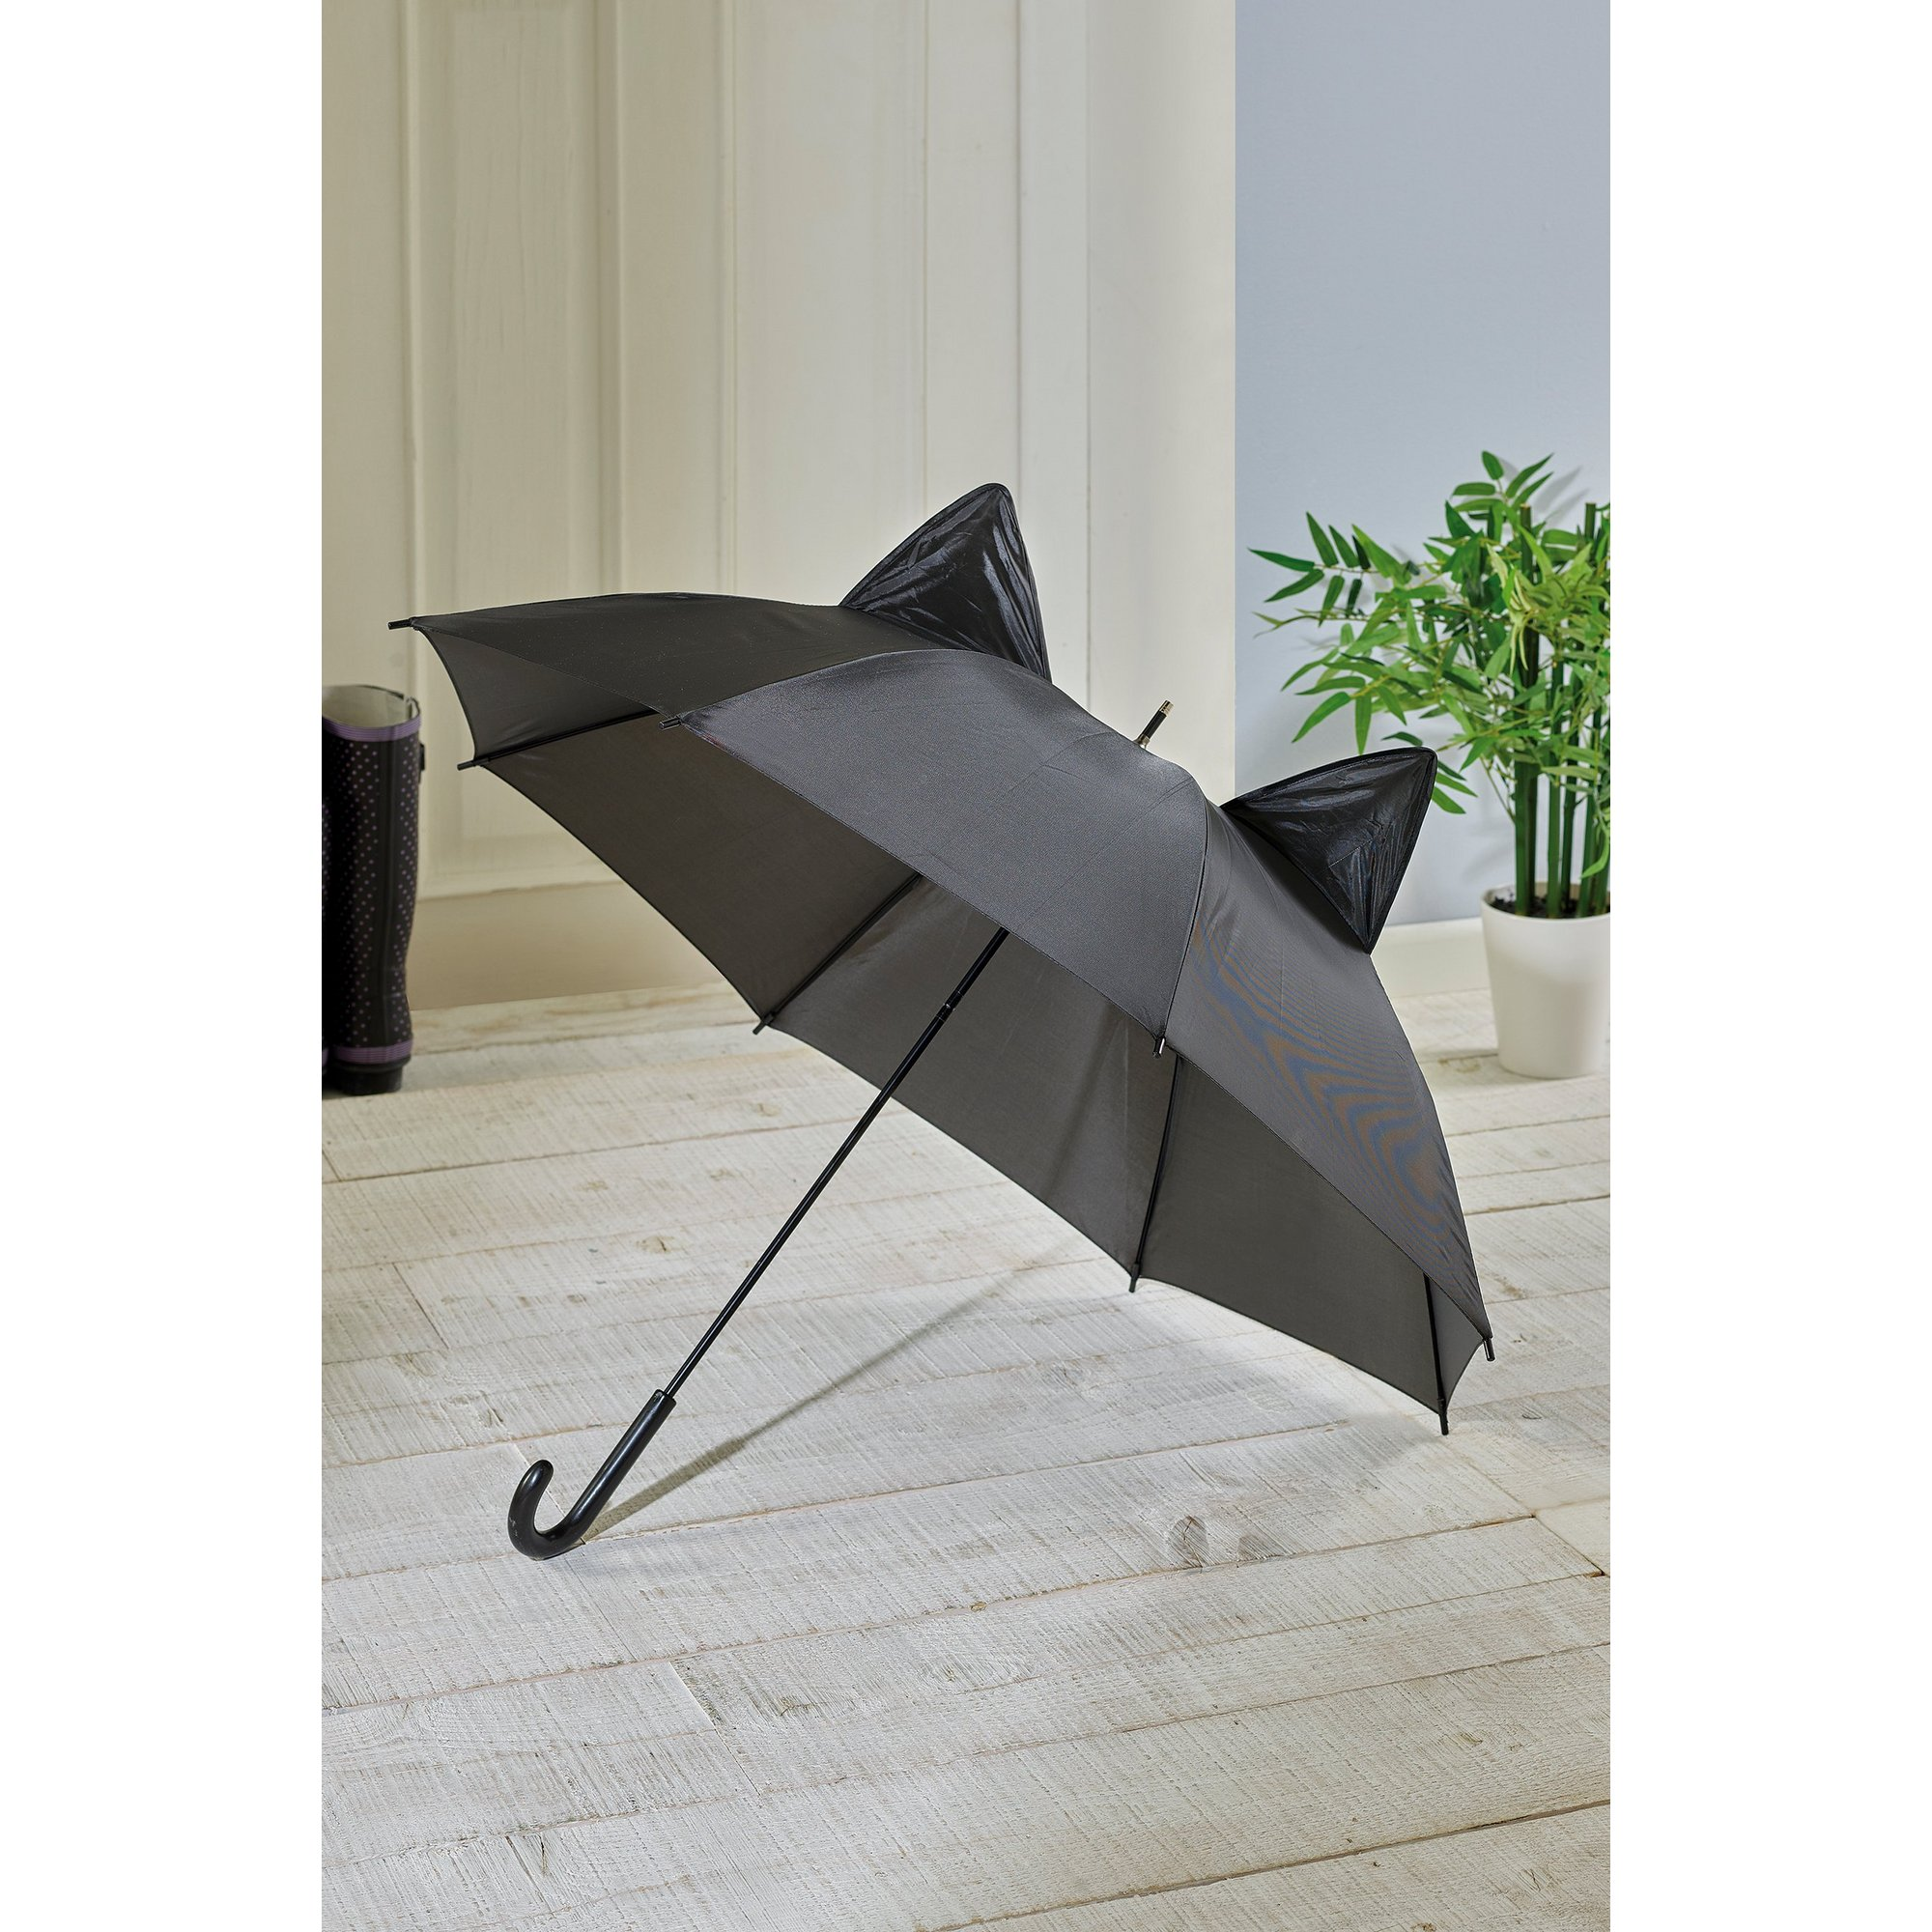 Image of Black Cat Umbrella